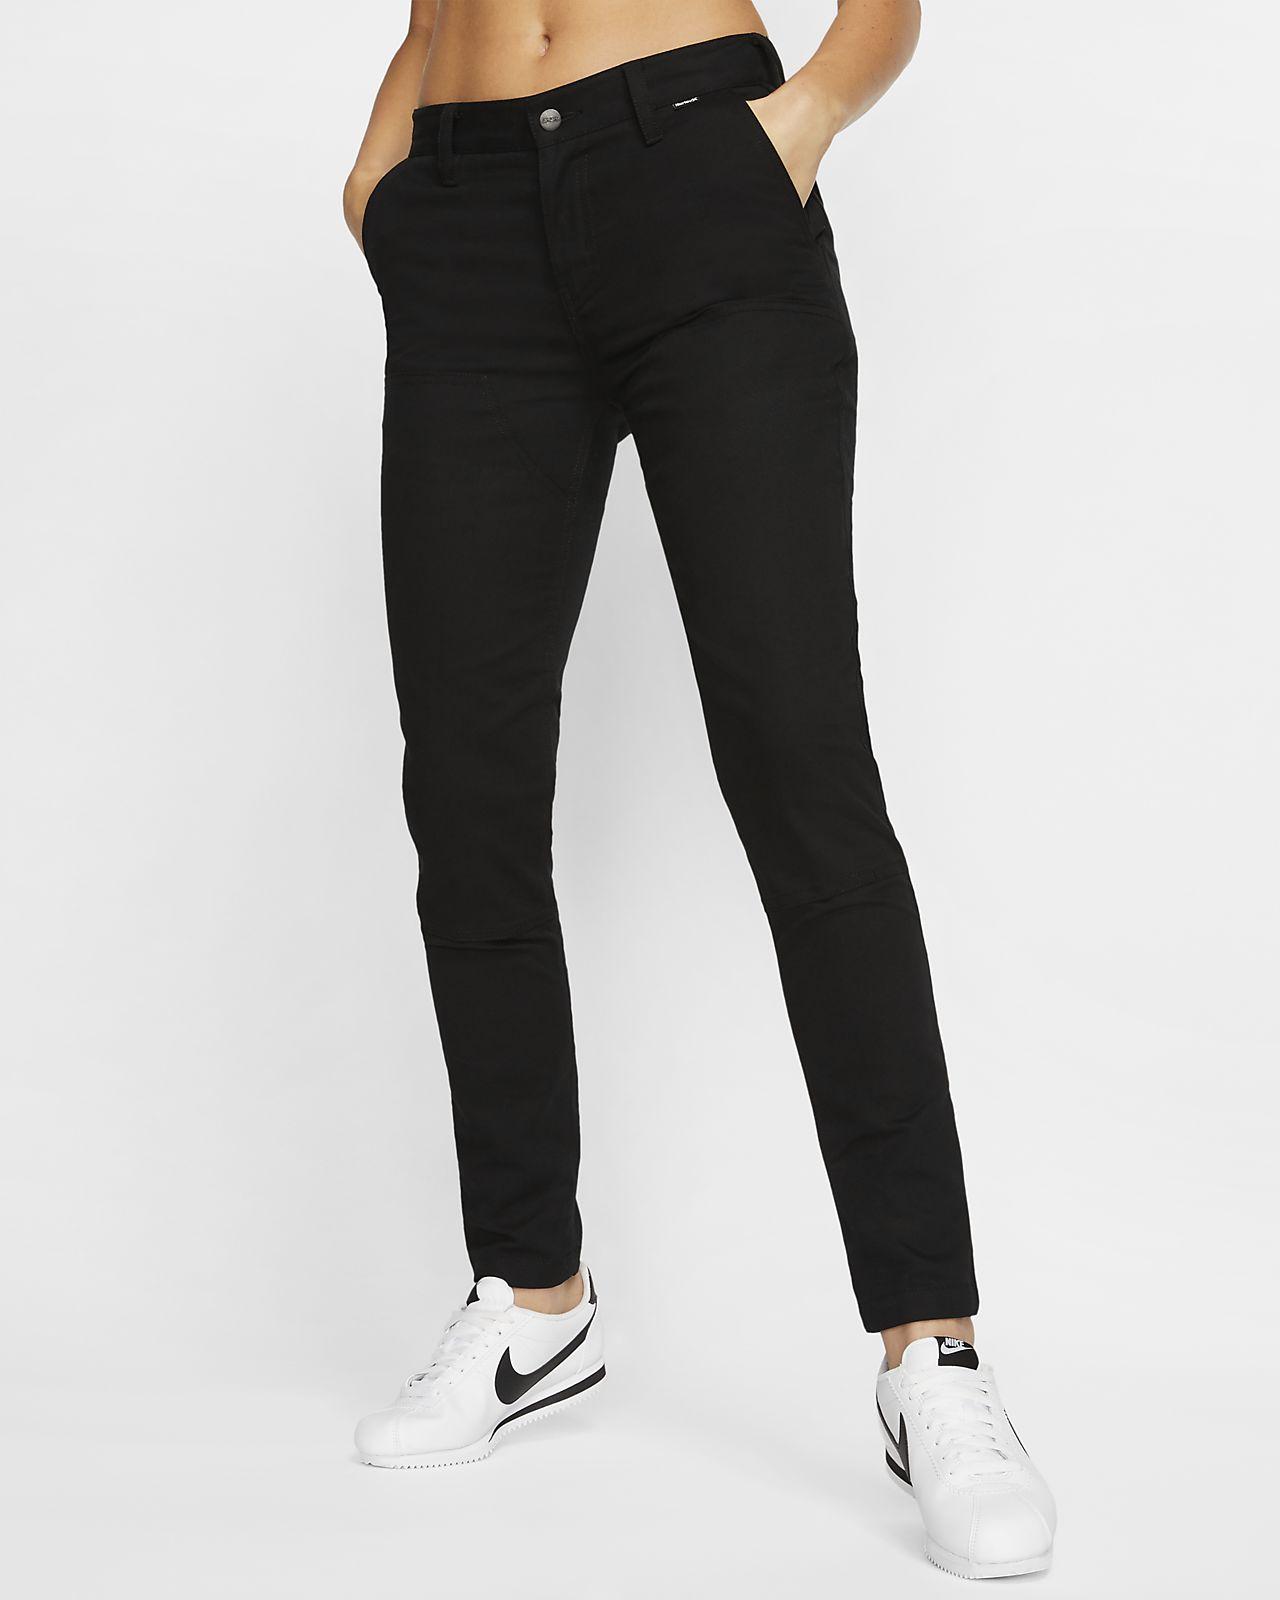 Hurley x Carhartt Skinny Double Front Pantalons - Dona